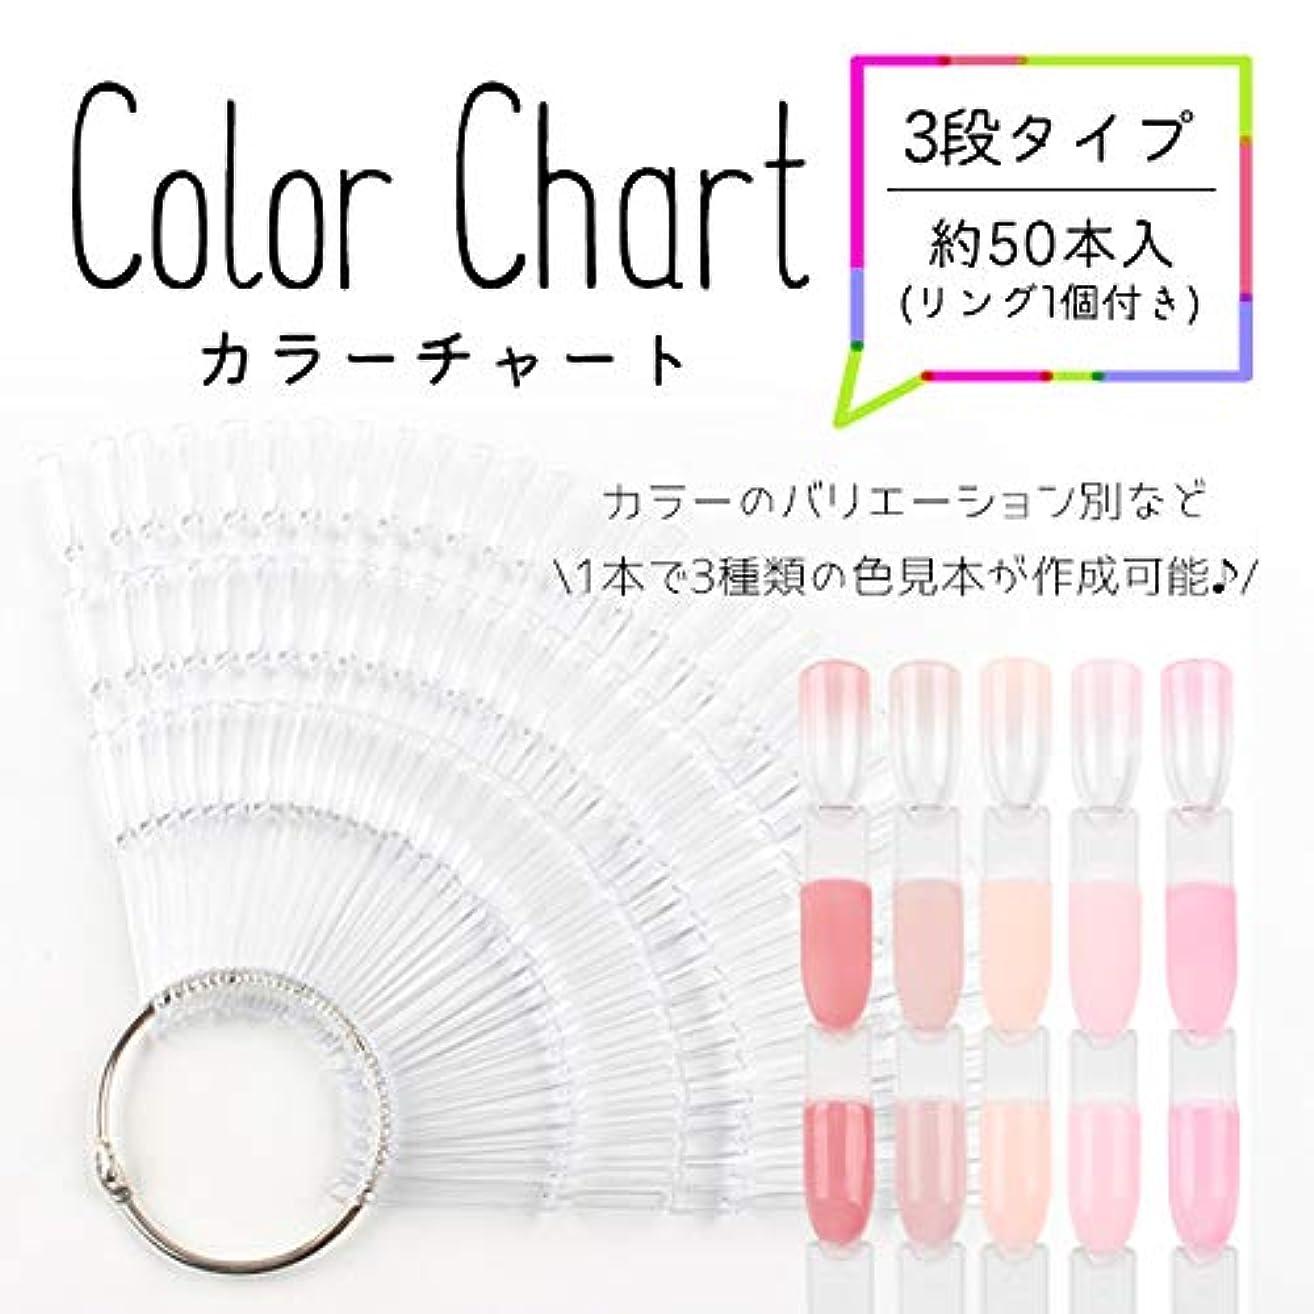 任意スピンストライク3段タイプ カラーチャート (クリア) ネイルアート